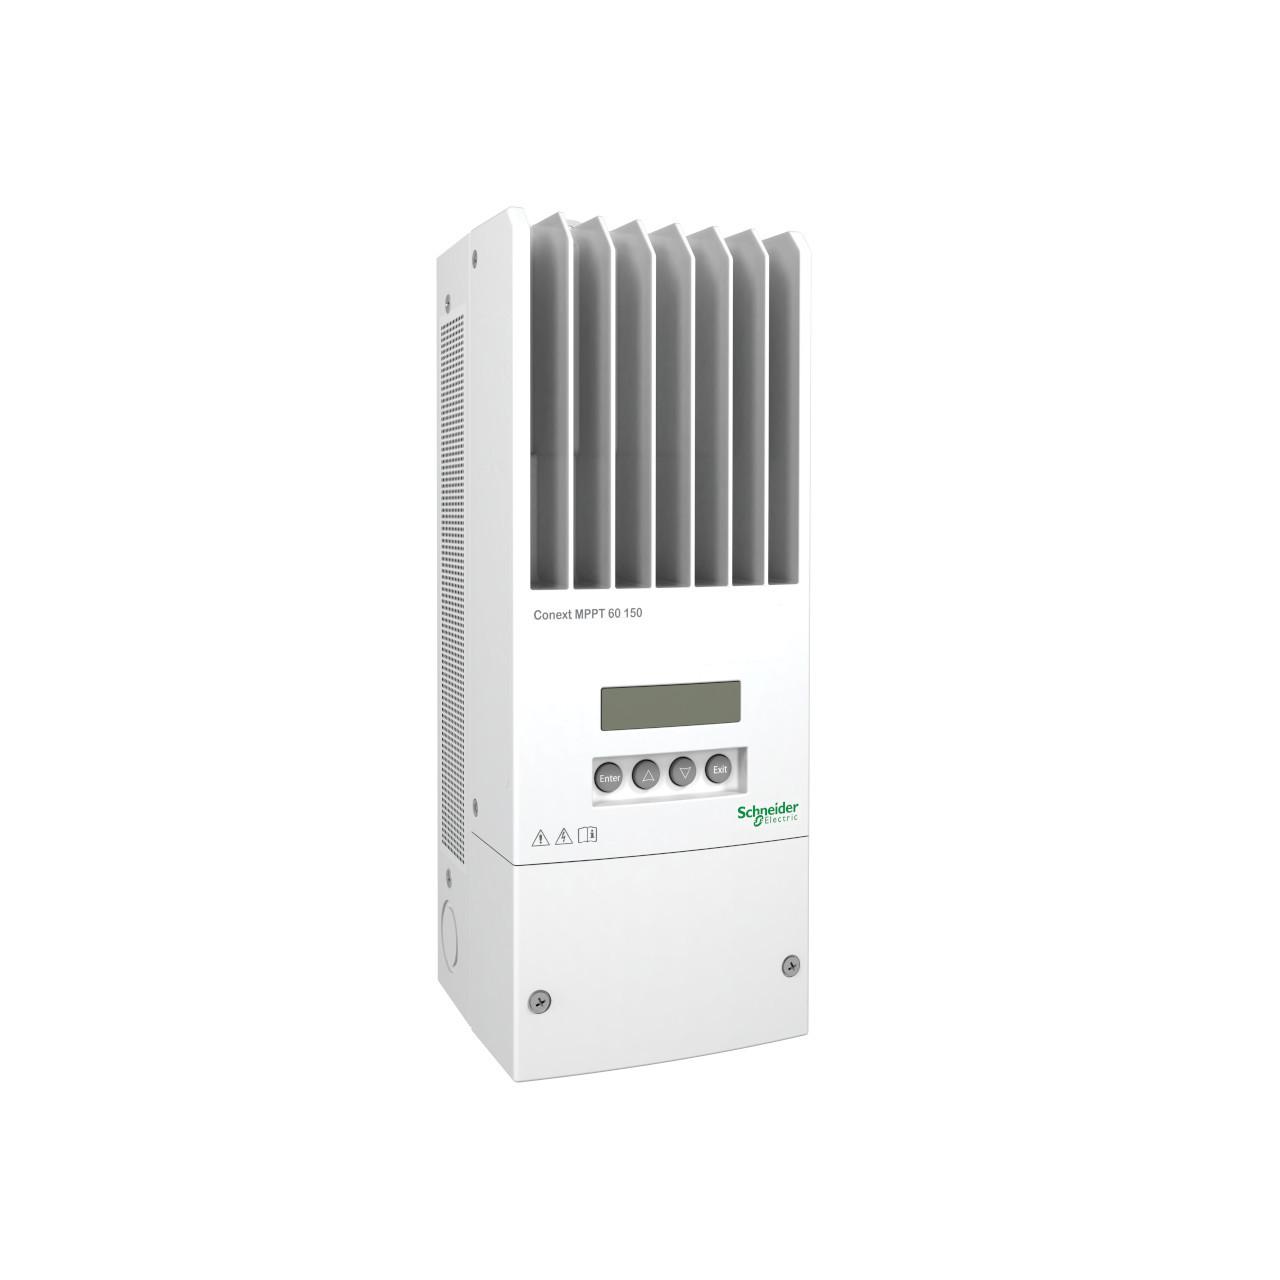 Schneider - Conext MPPT 60-150